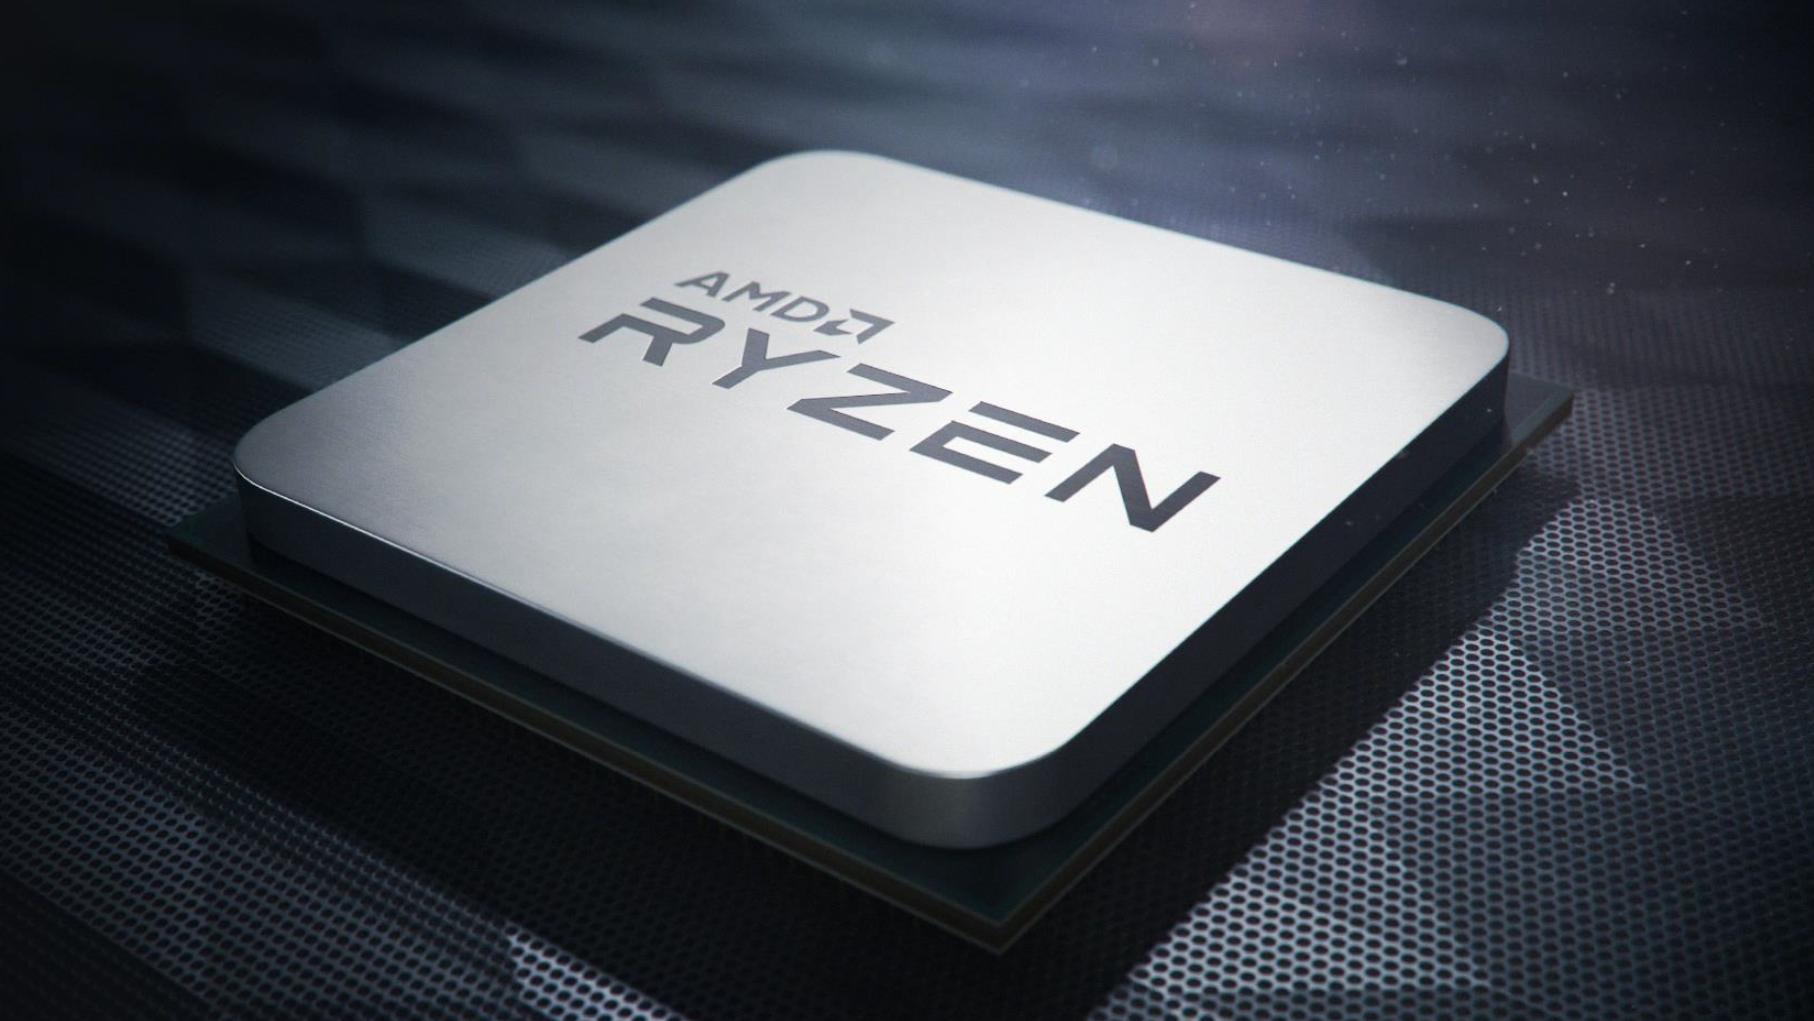 Процессоры AMD Ryzen 7 3850X и Ryzen 7 3750X 'Matisse Refresh' могут стать ответом на Intel Core i9-10900K и i7-10700K